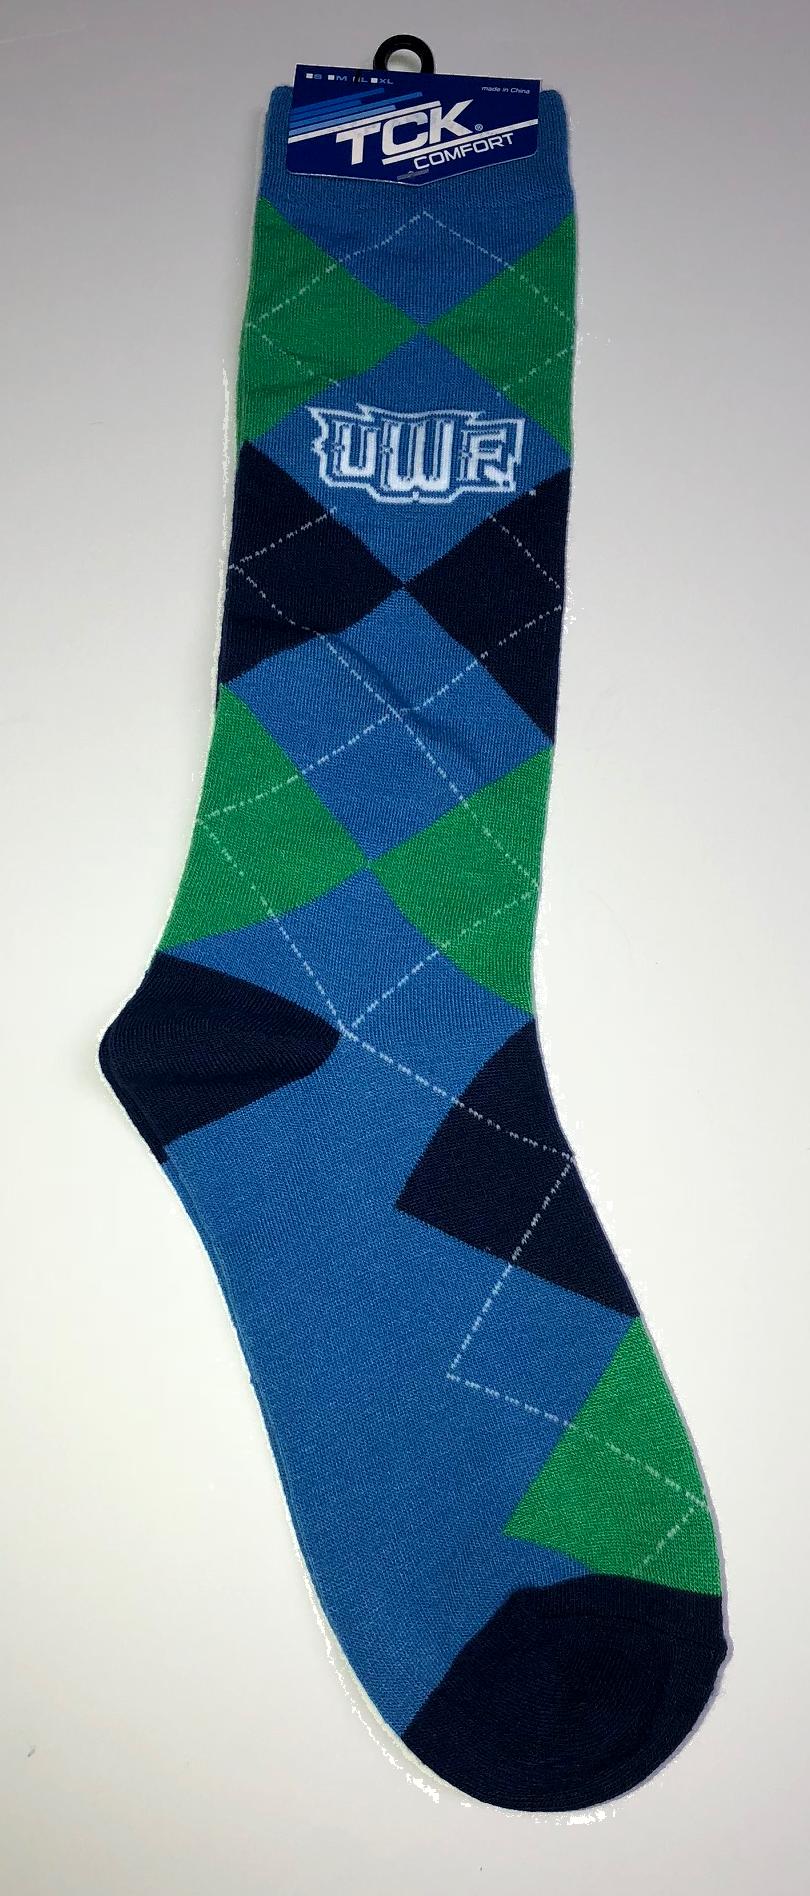 Argryle Sock